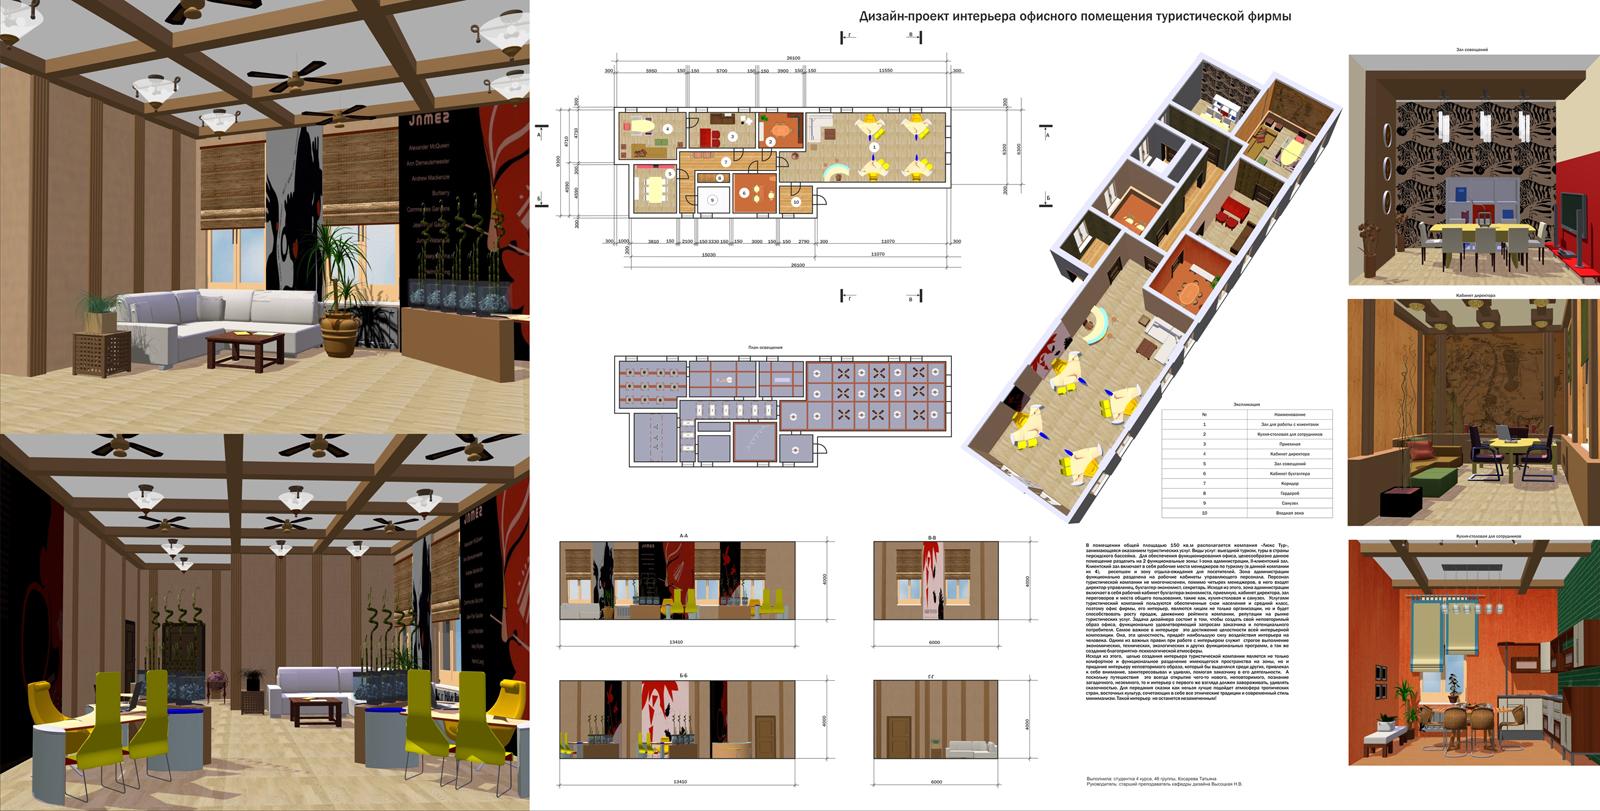 Тамбур в частном доме - дизайн: фото готовых идей для 55